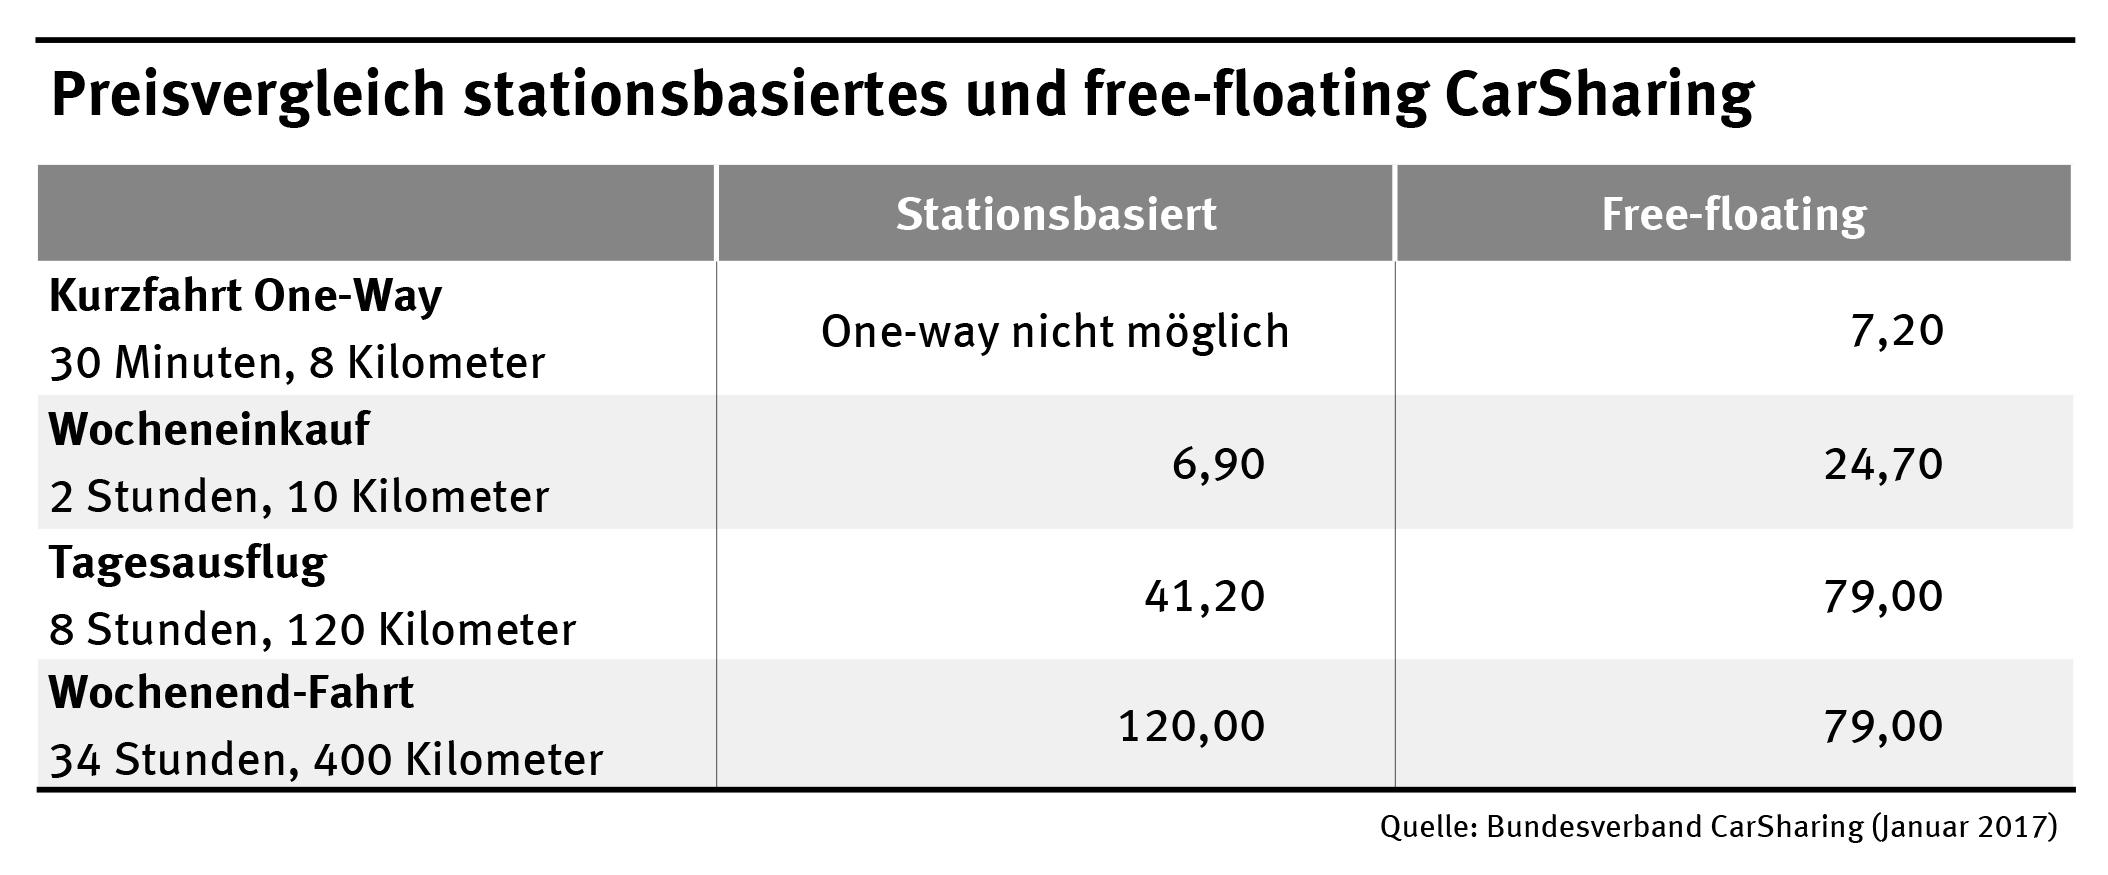 Preisvergleich stationsbasiertes und free-floating CarSharing